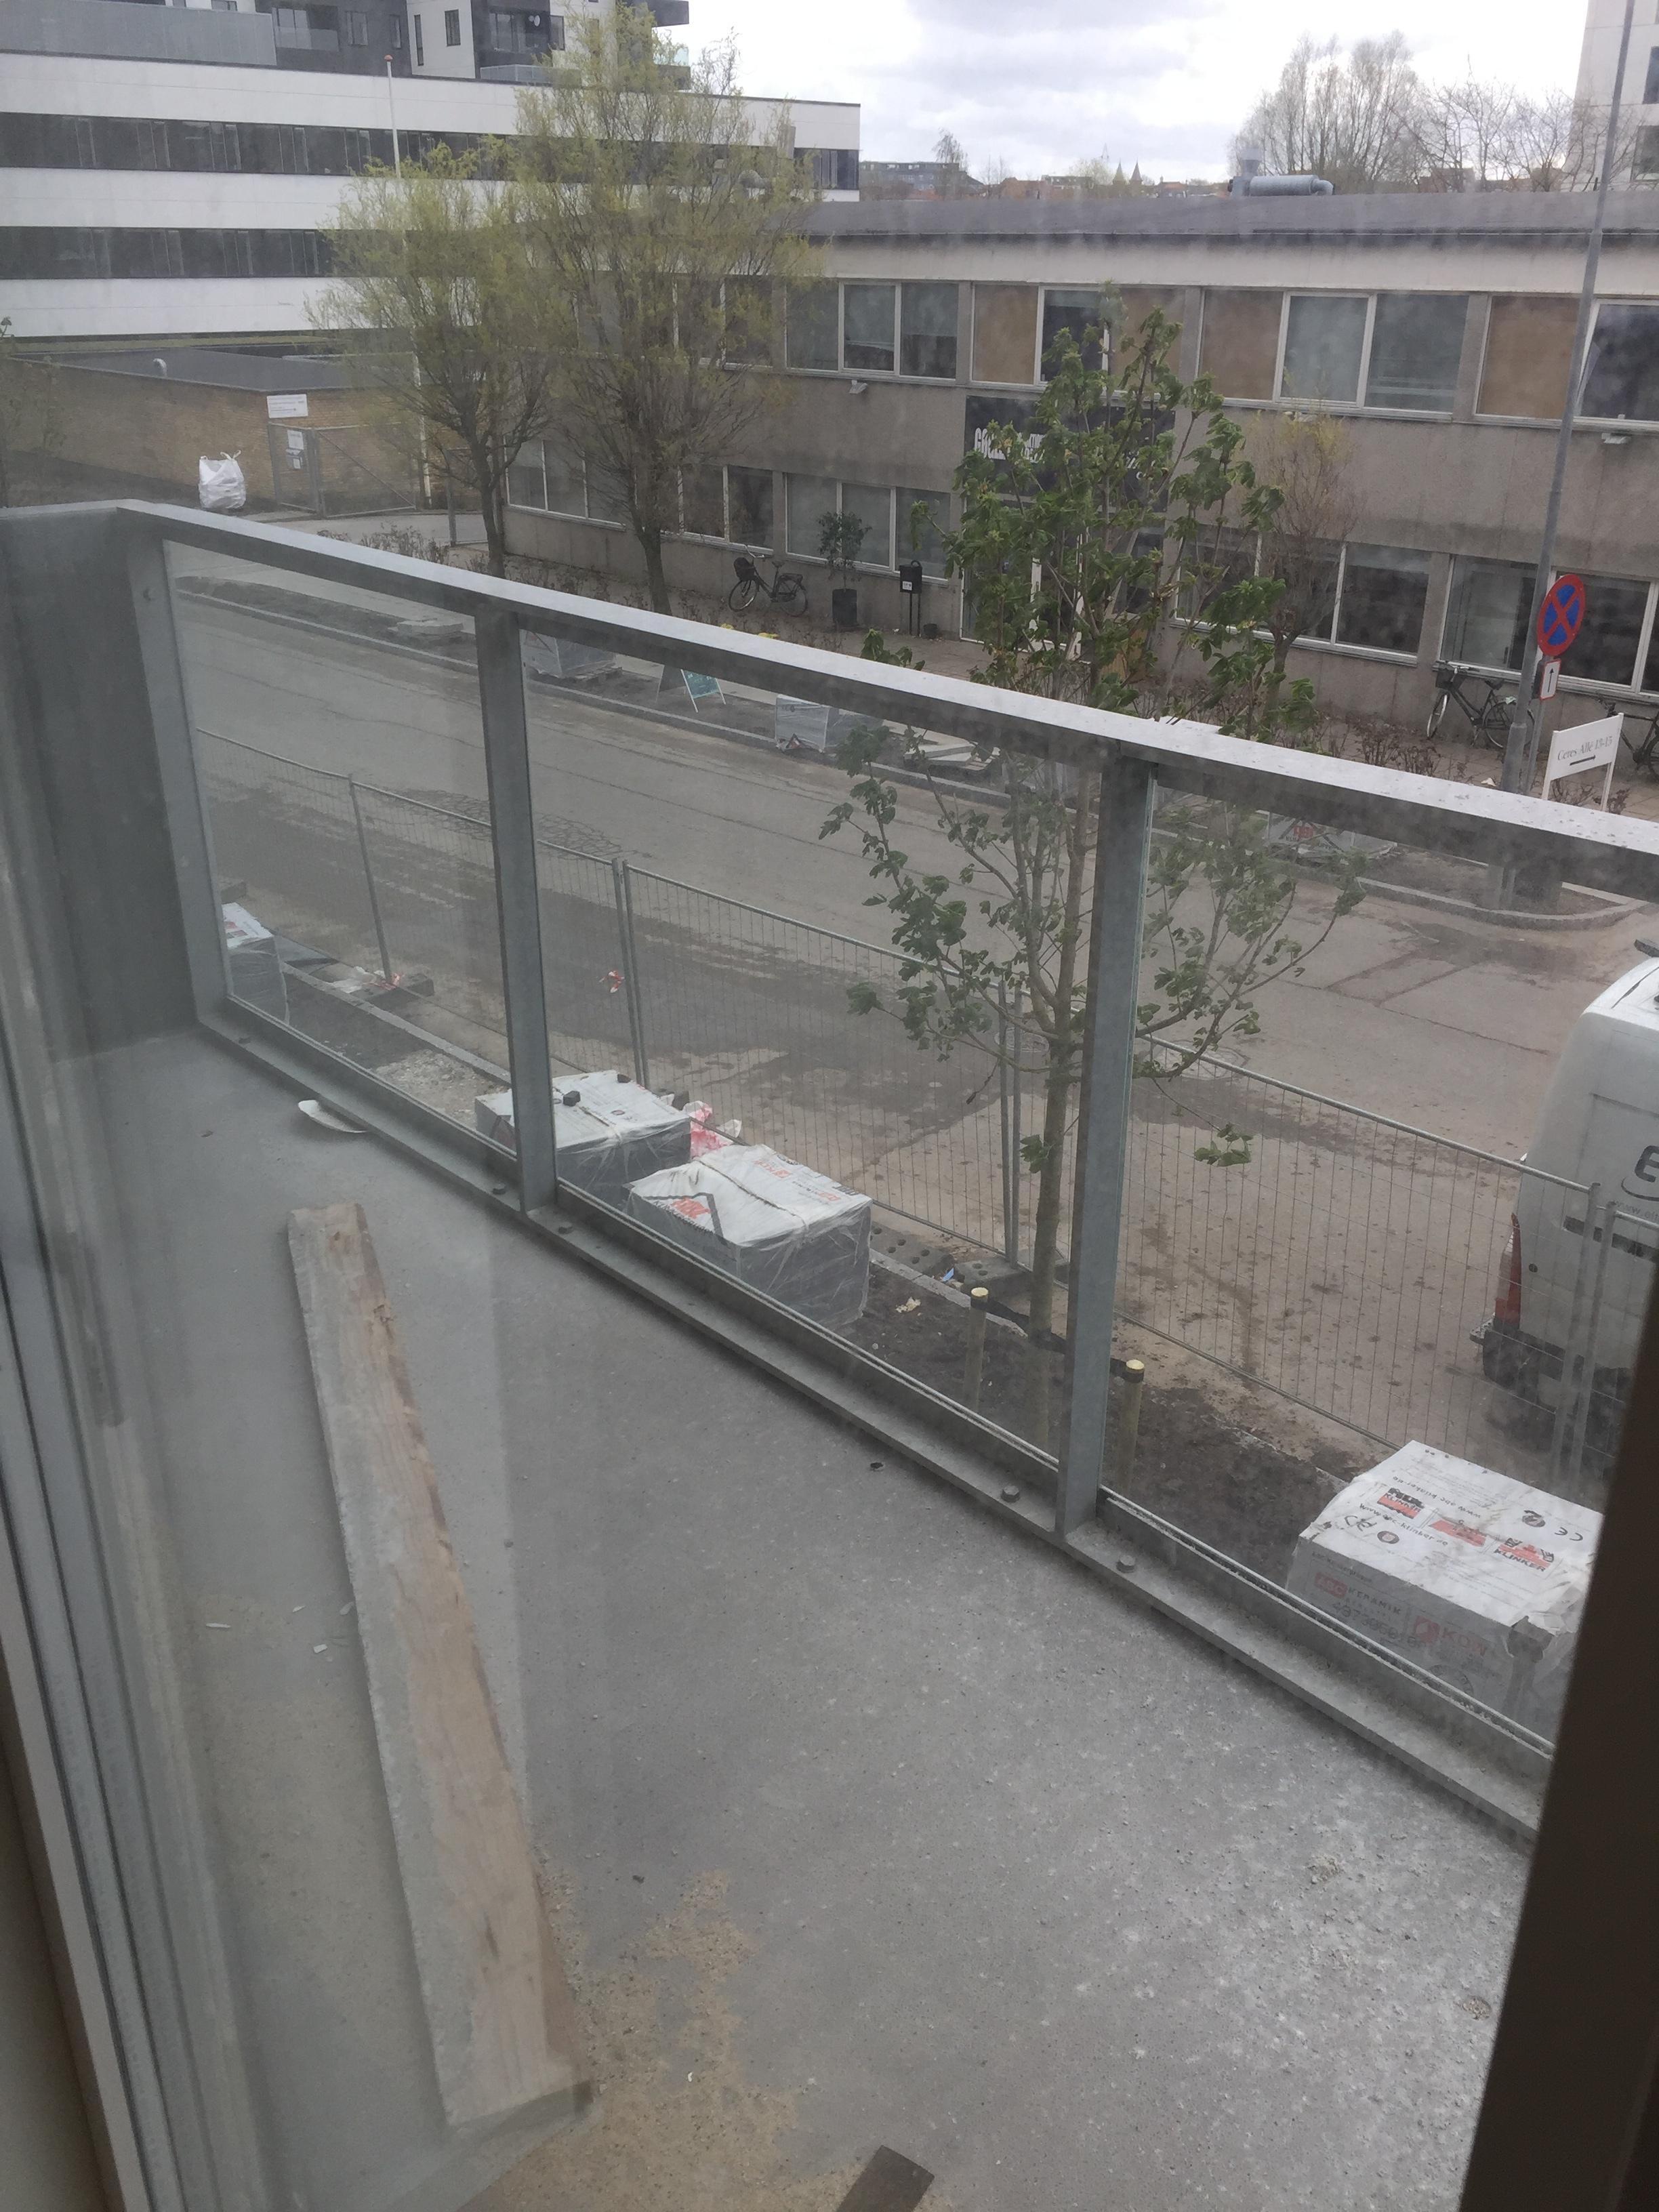 SØGER ROOMIE TIL LÆKKER LEJLIGHED I CERESBYEN 2,5 KM FRA AARHUS UNIVERSITET!